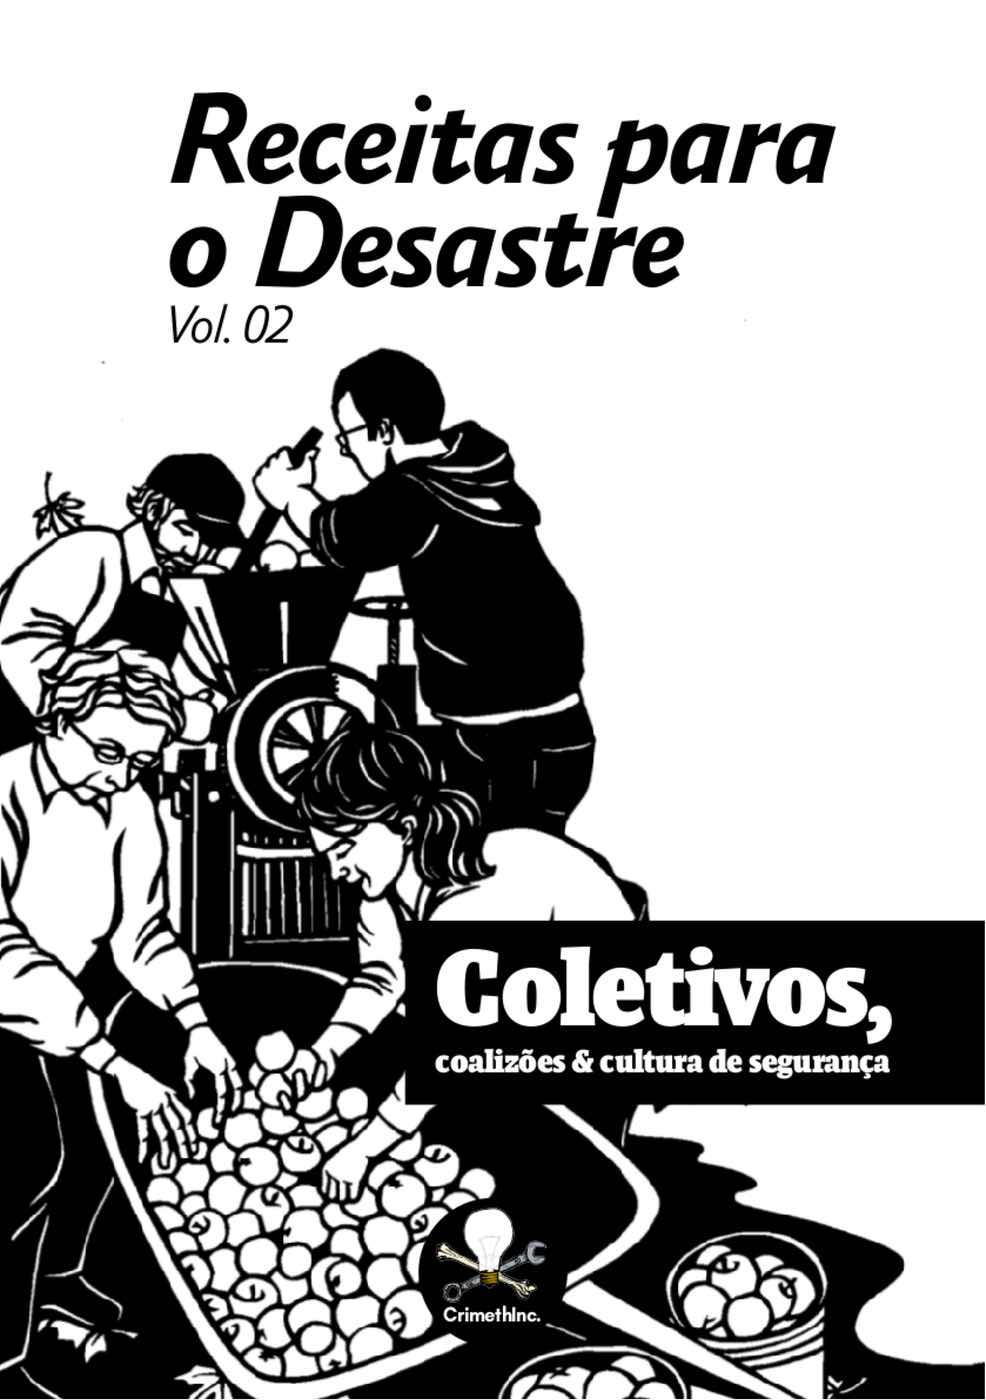 Photo of 'Receitas para o Desastre Vol. 02 (Portugues Brasileiro)' front cover